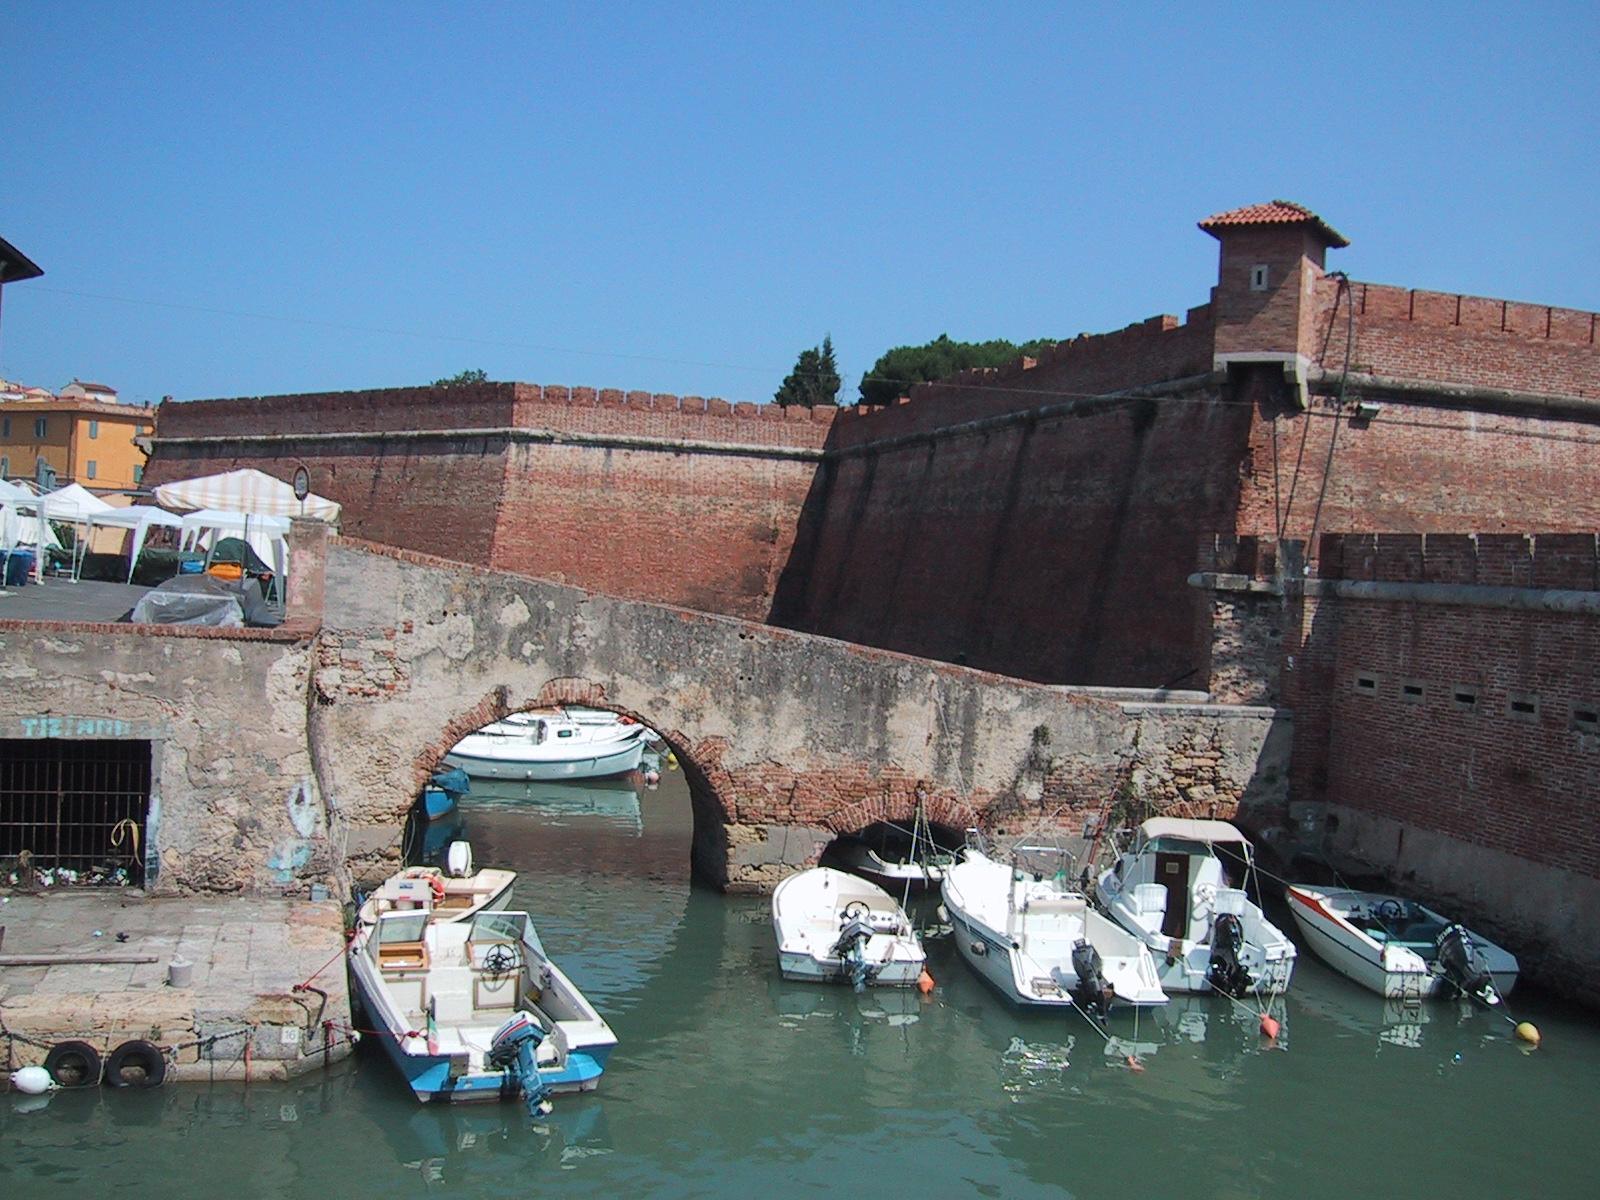 File:Livorno-Fortezza Nuova.jpg - Wikimedia Commons